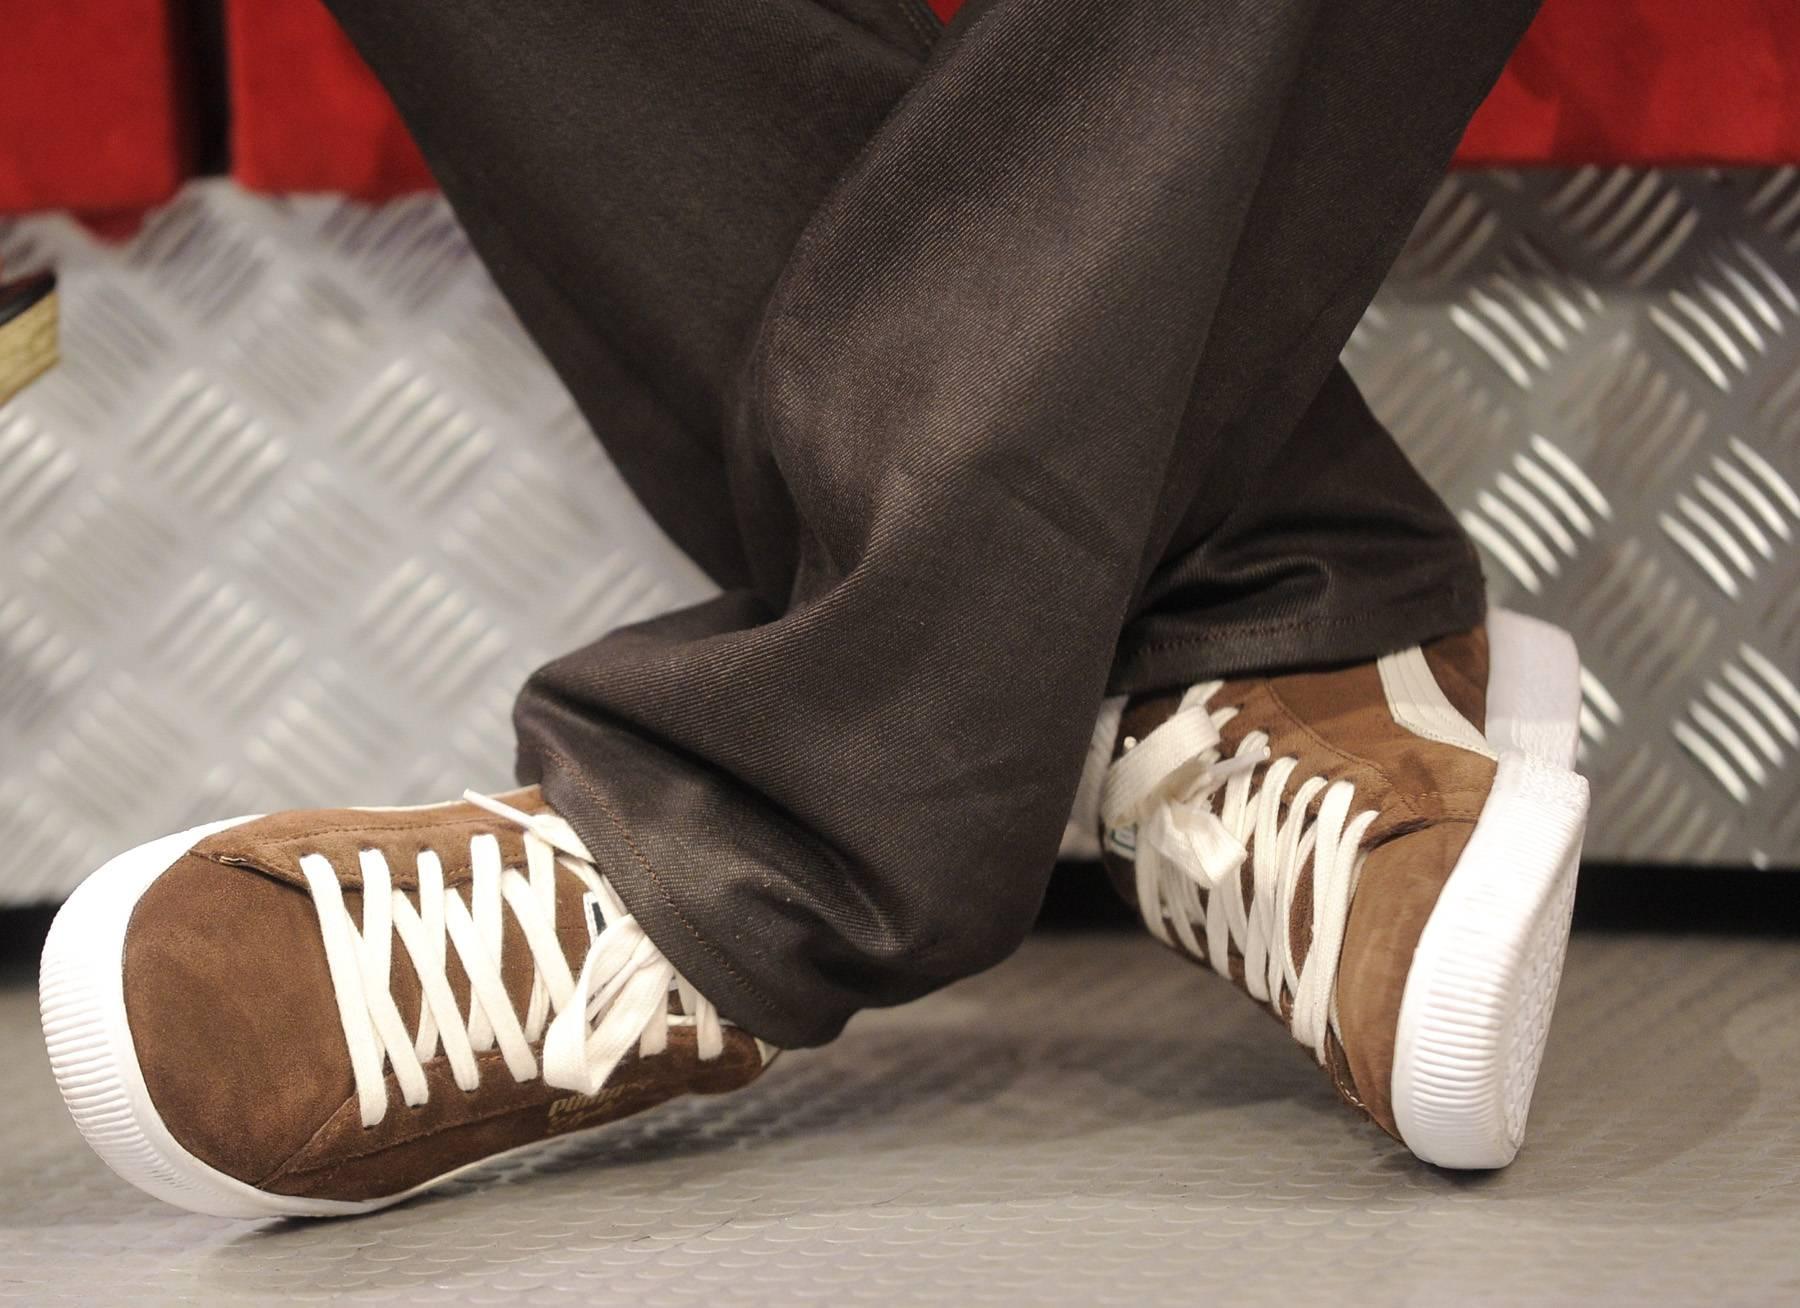 Nice Kicks - Bobby Brown at 106 & Park, May 29, 2012. (Photo: John Ricard / BET)